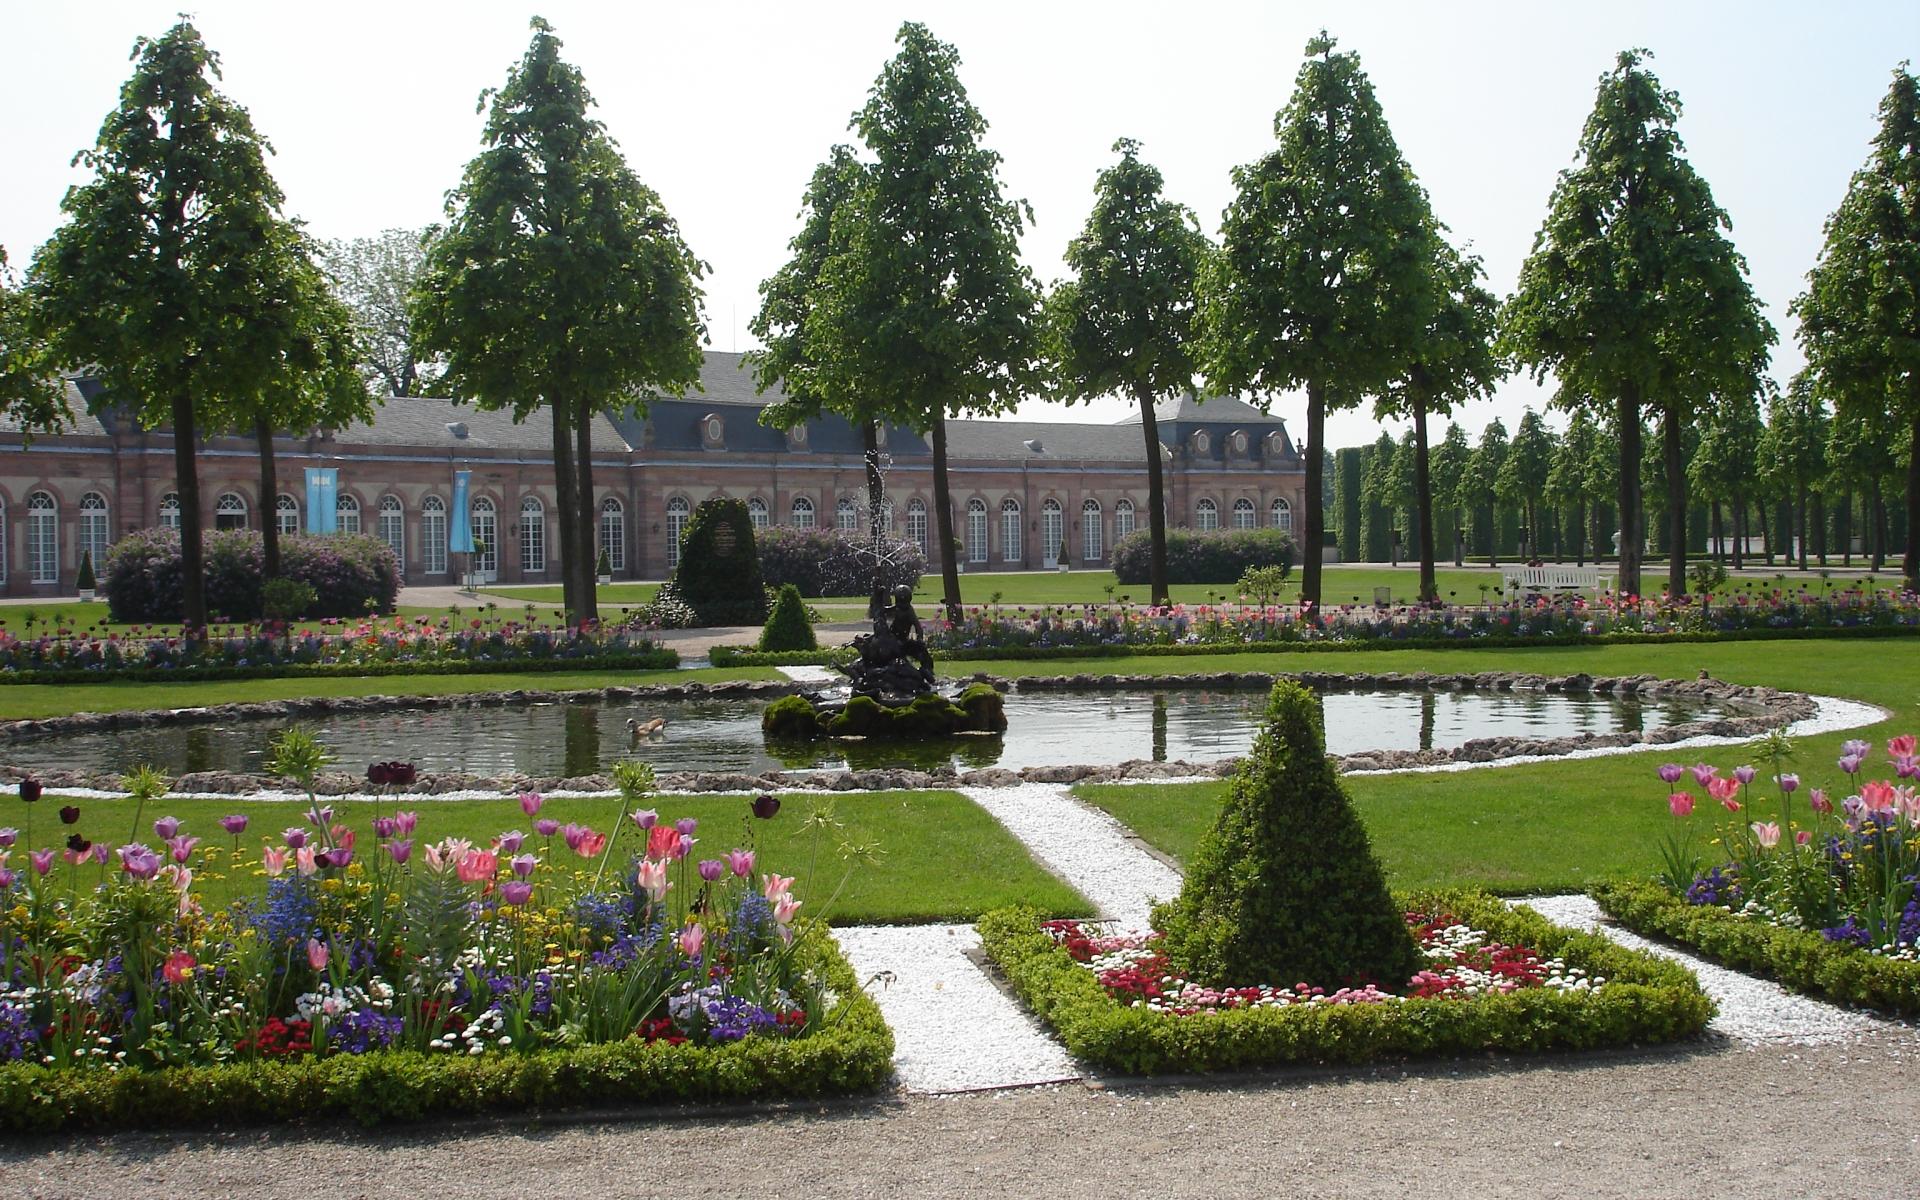 Man Made Schwetzingen Palace 1920x1200